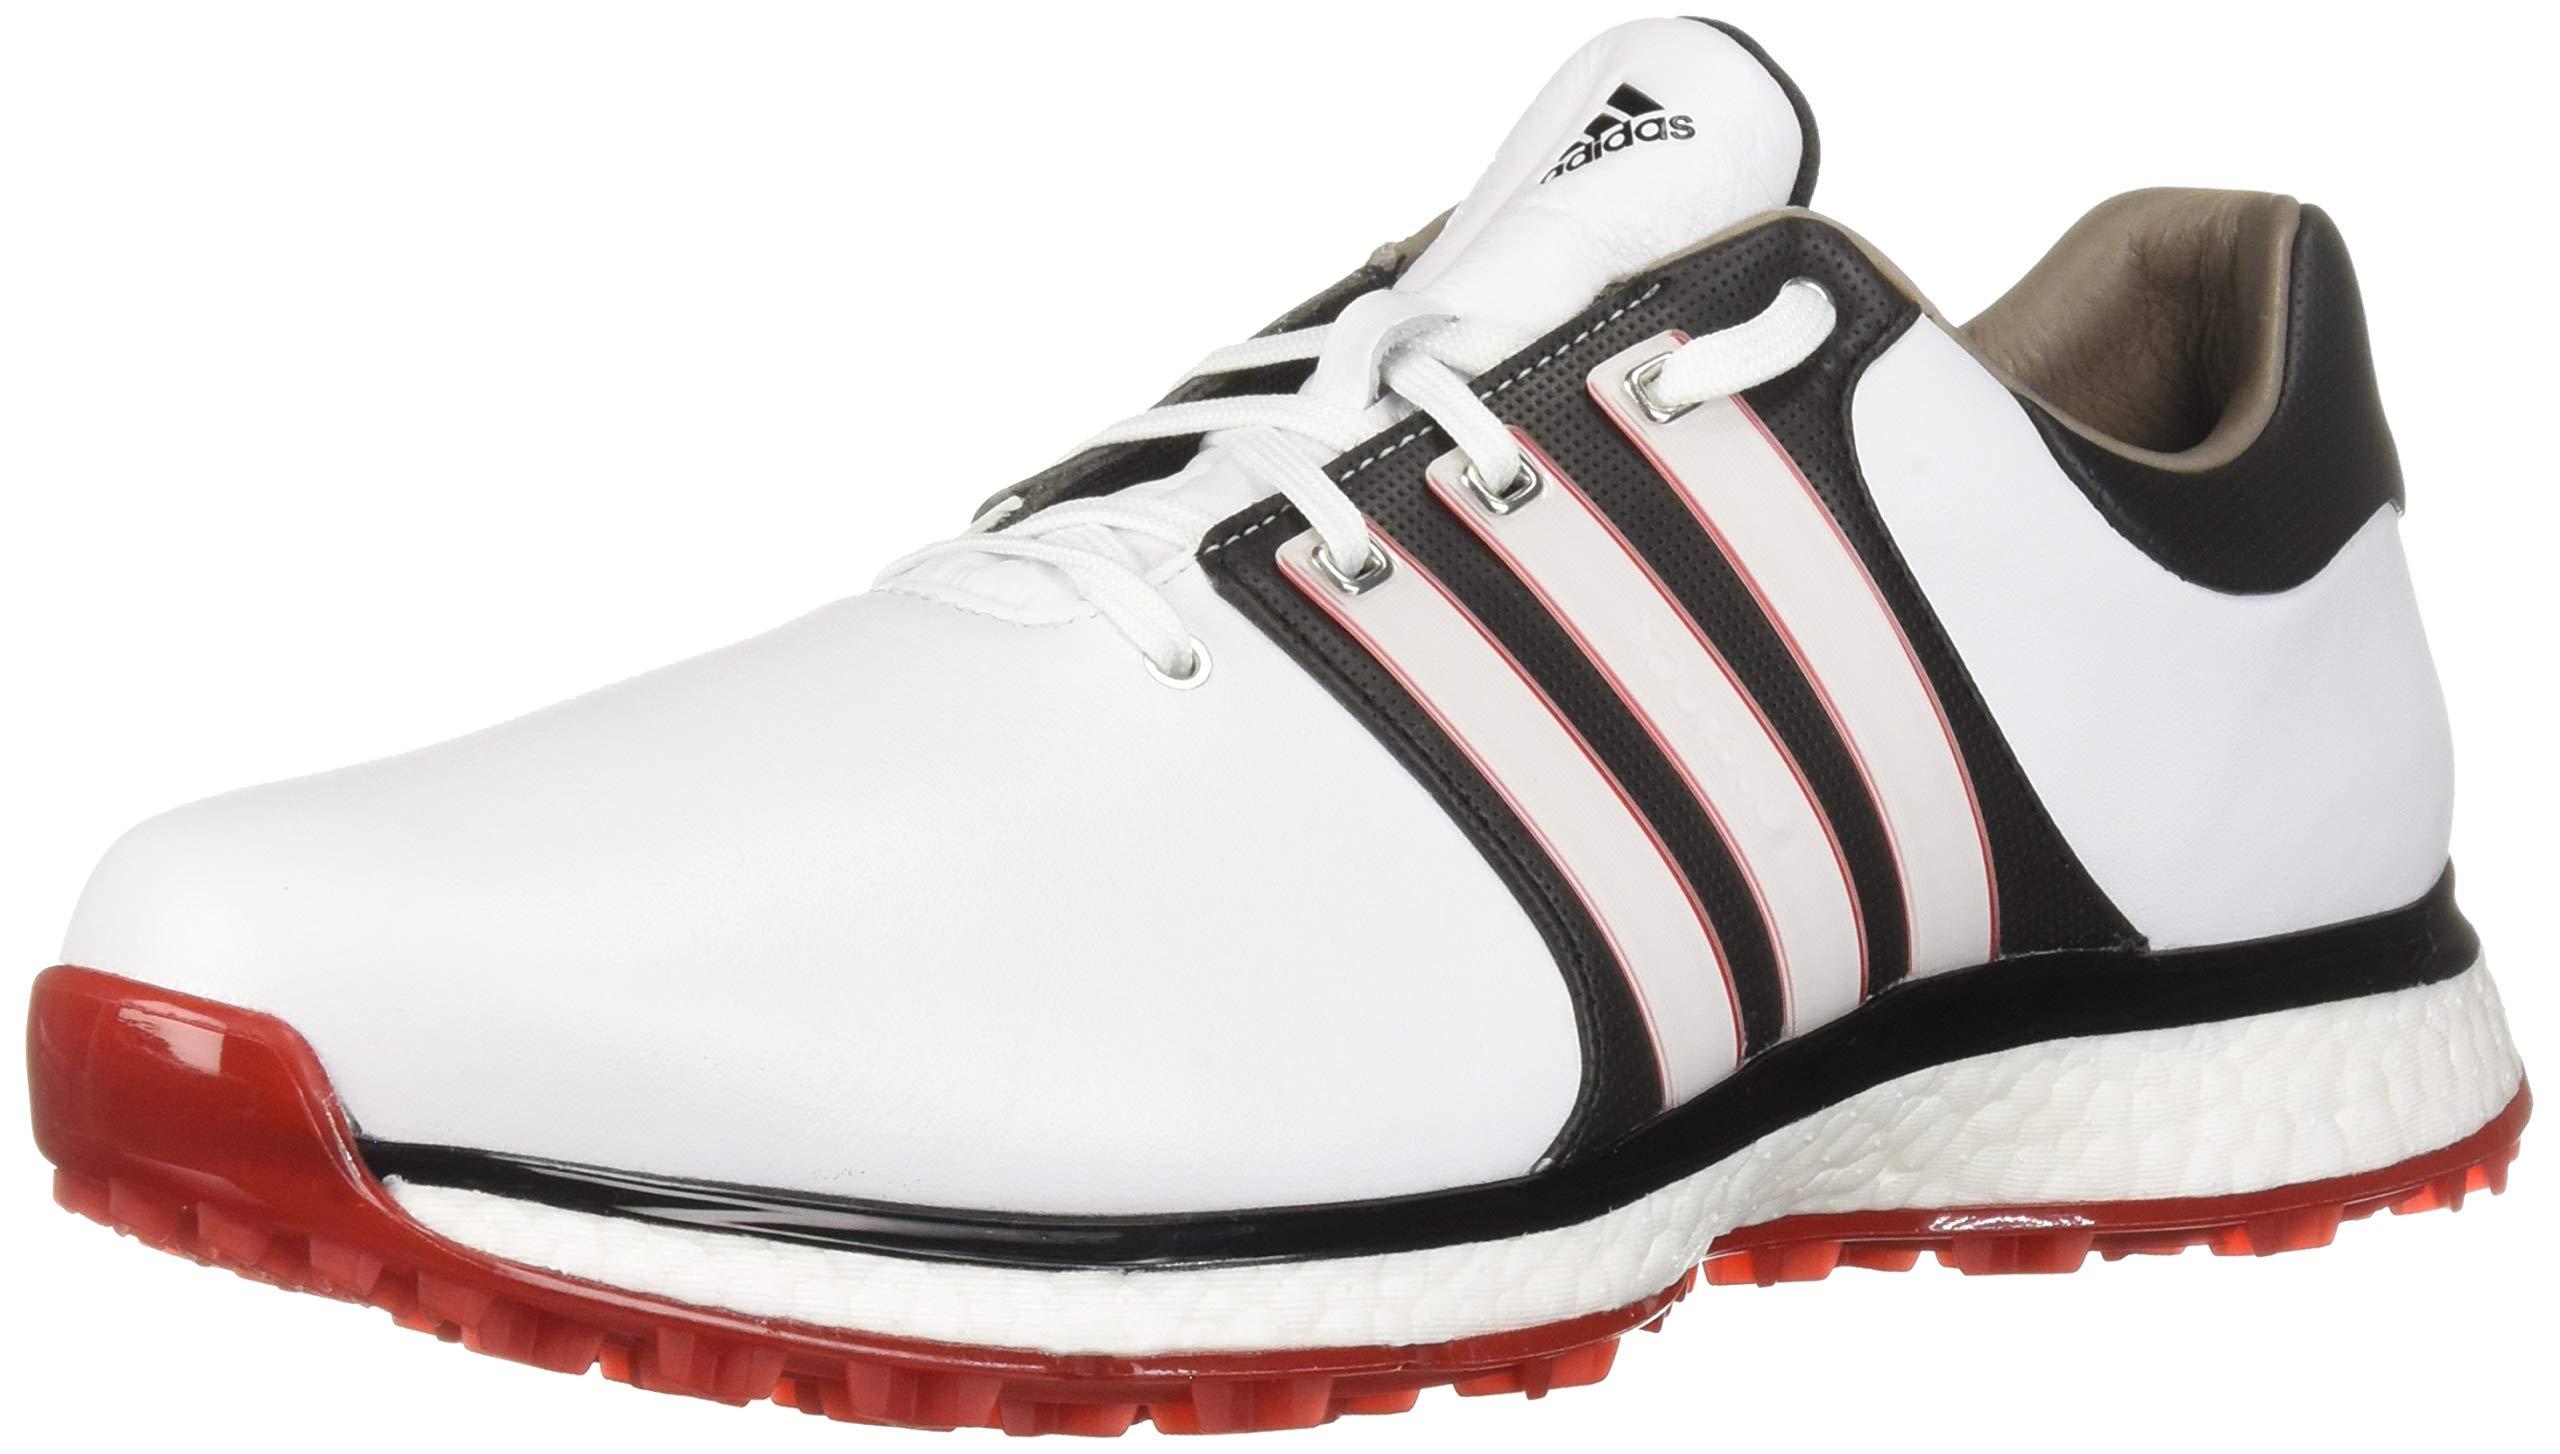 adidas Men's TOUR360 XT Spikeless Golf Shoe, FTWR White/core Black/Scarlet, 7 M US